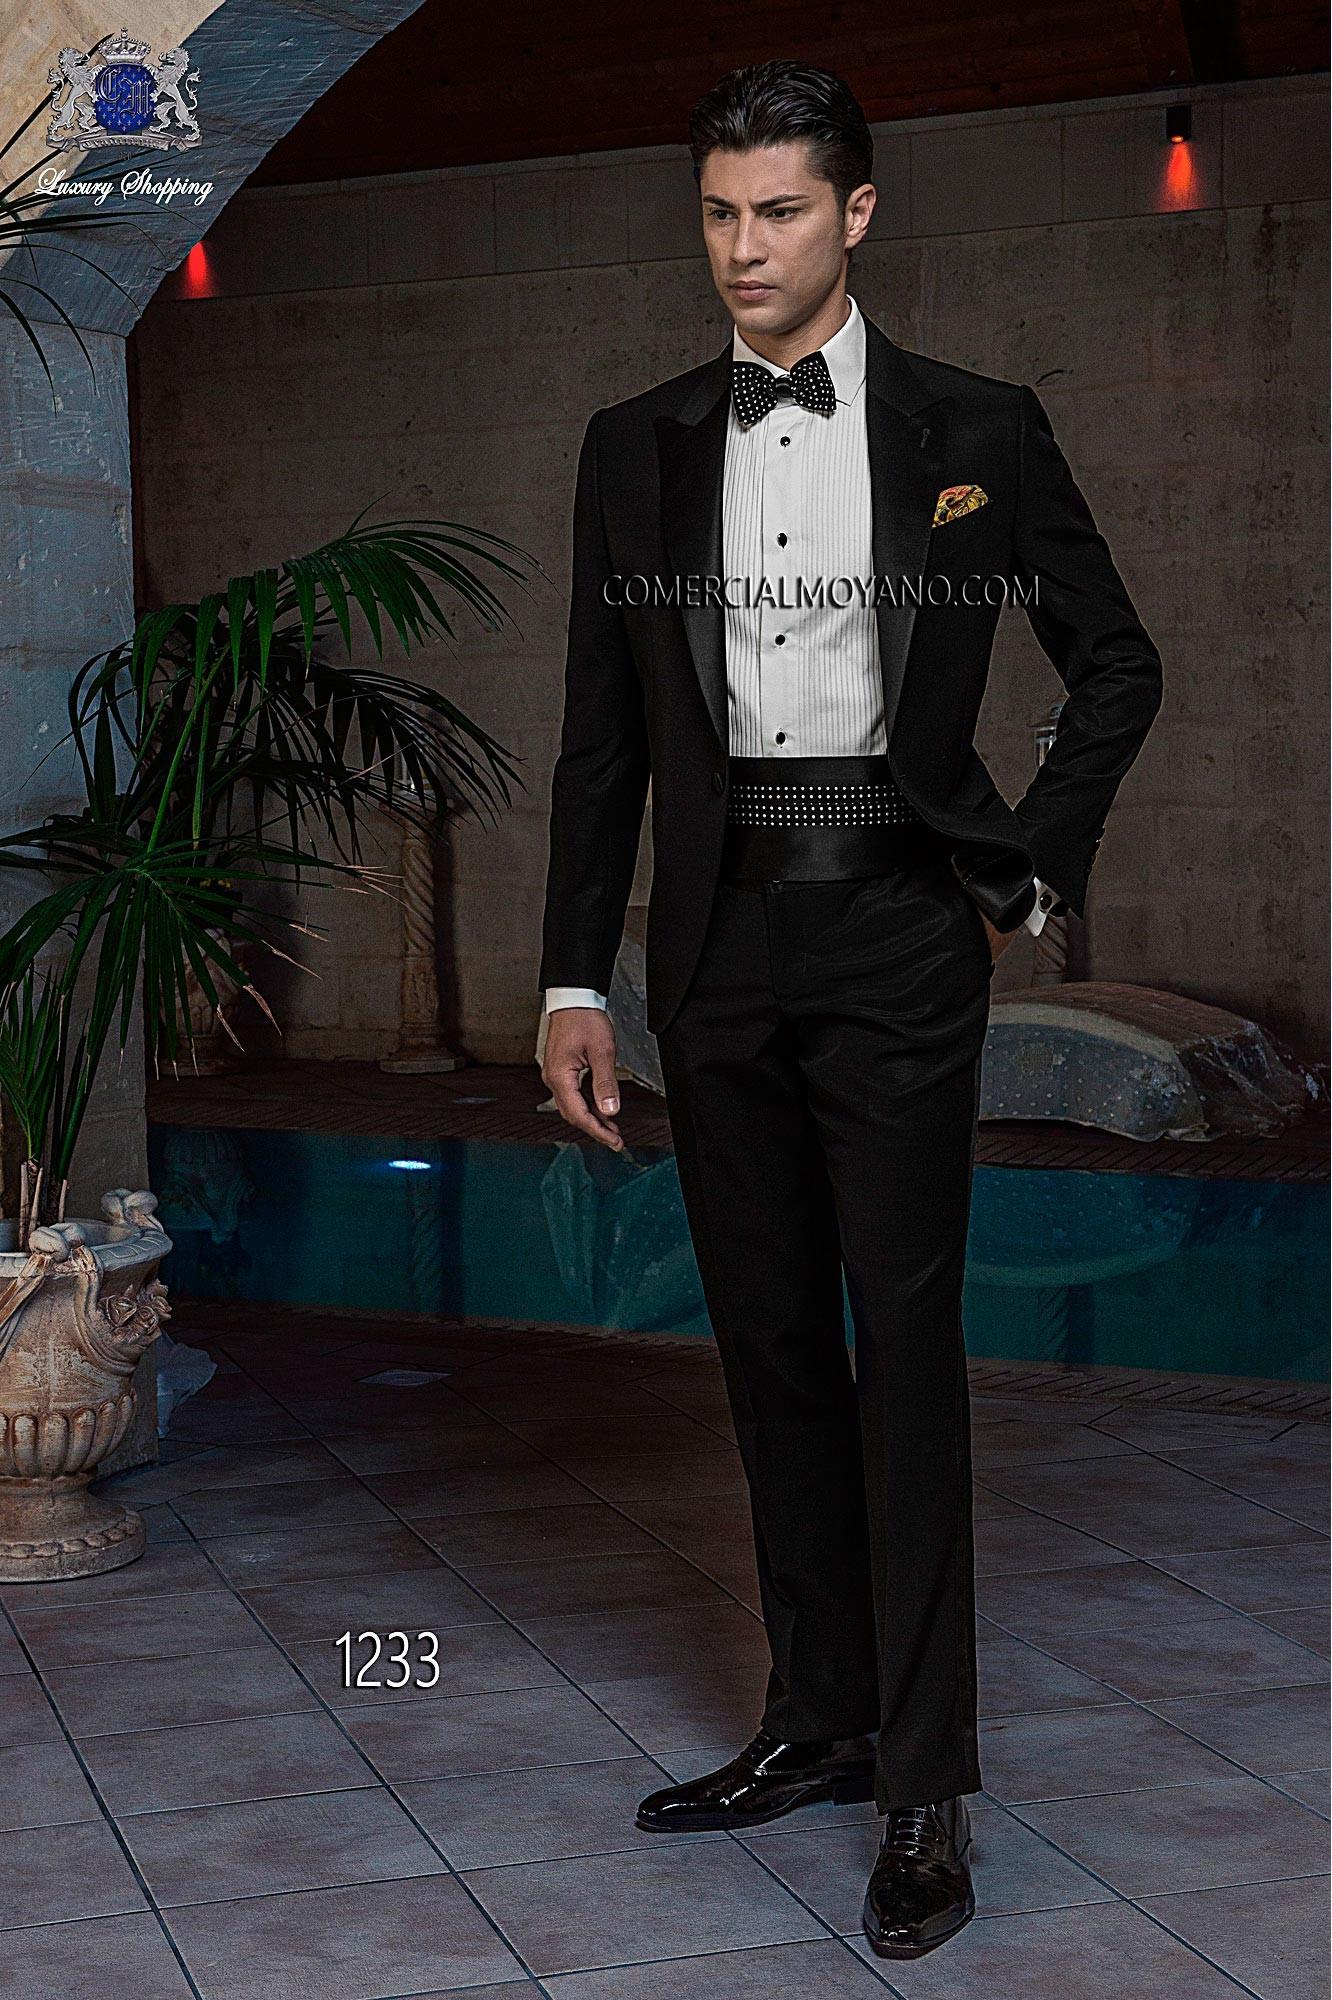 gay wedding suits - Comercial Moyano